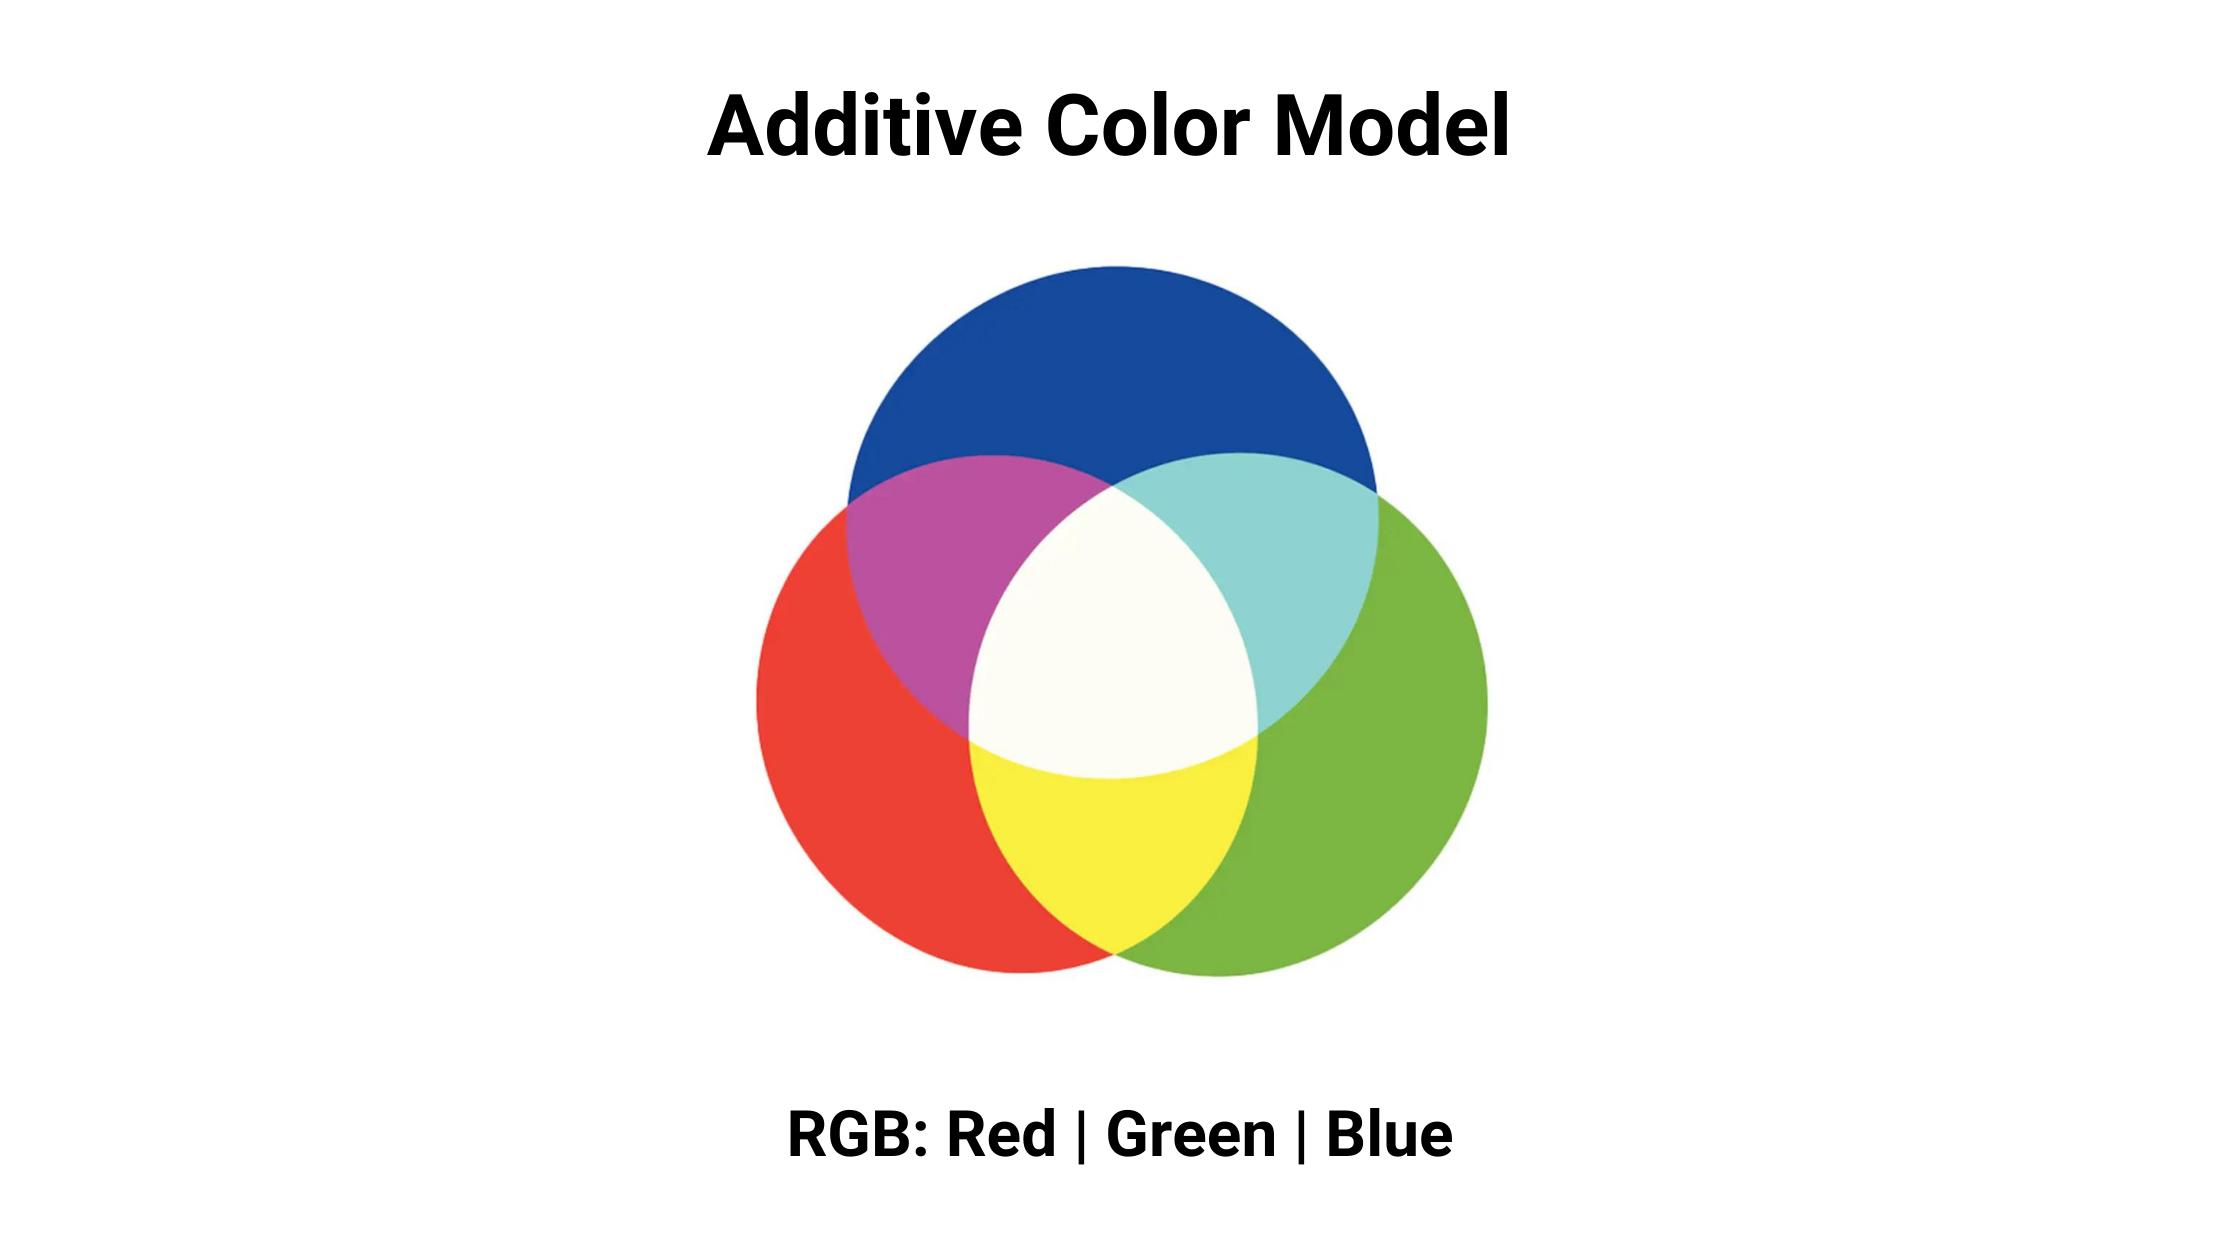 additive color model diagram